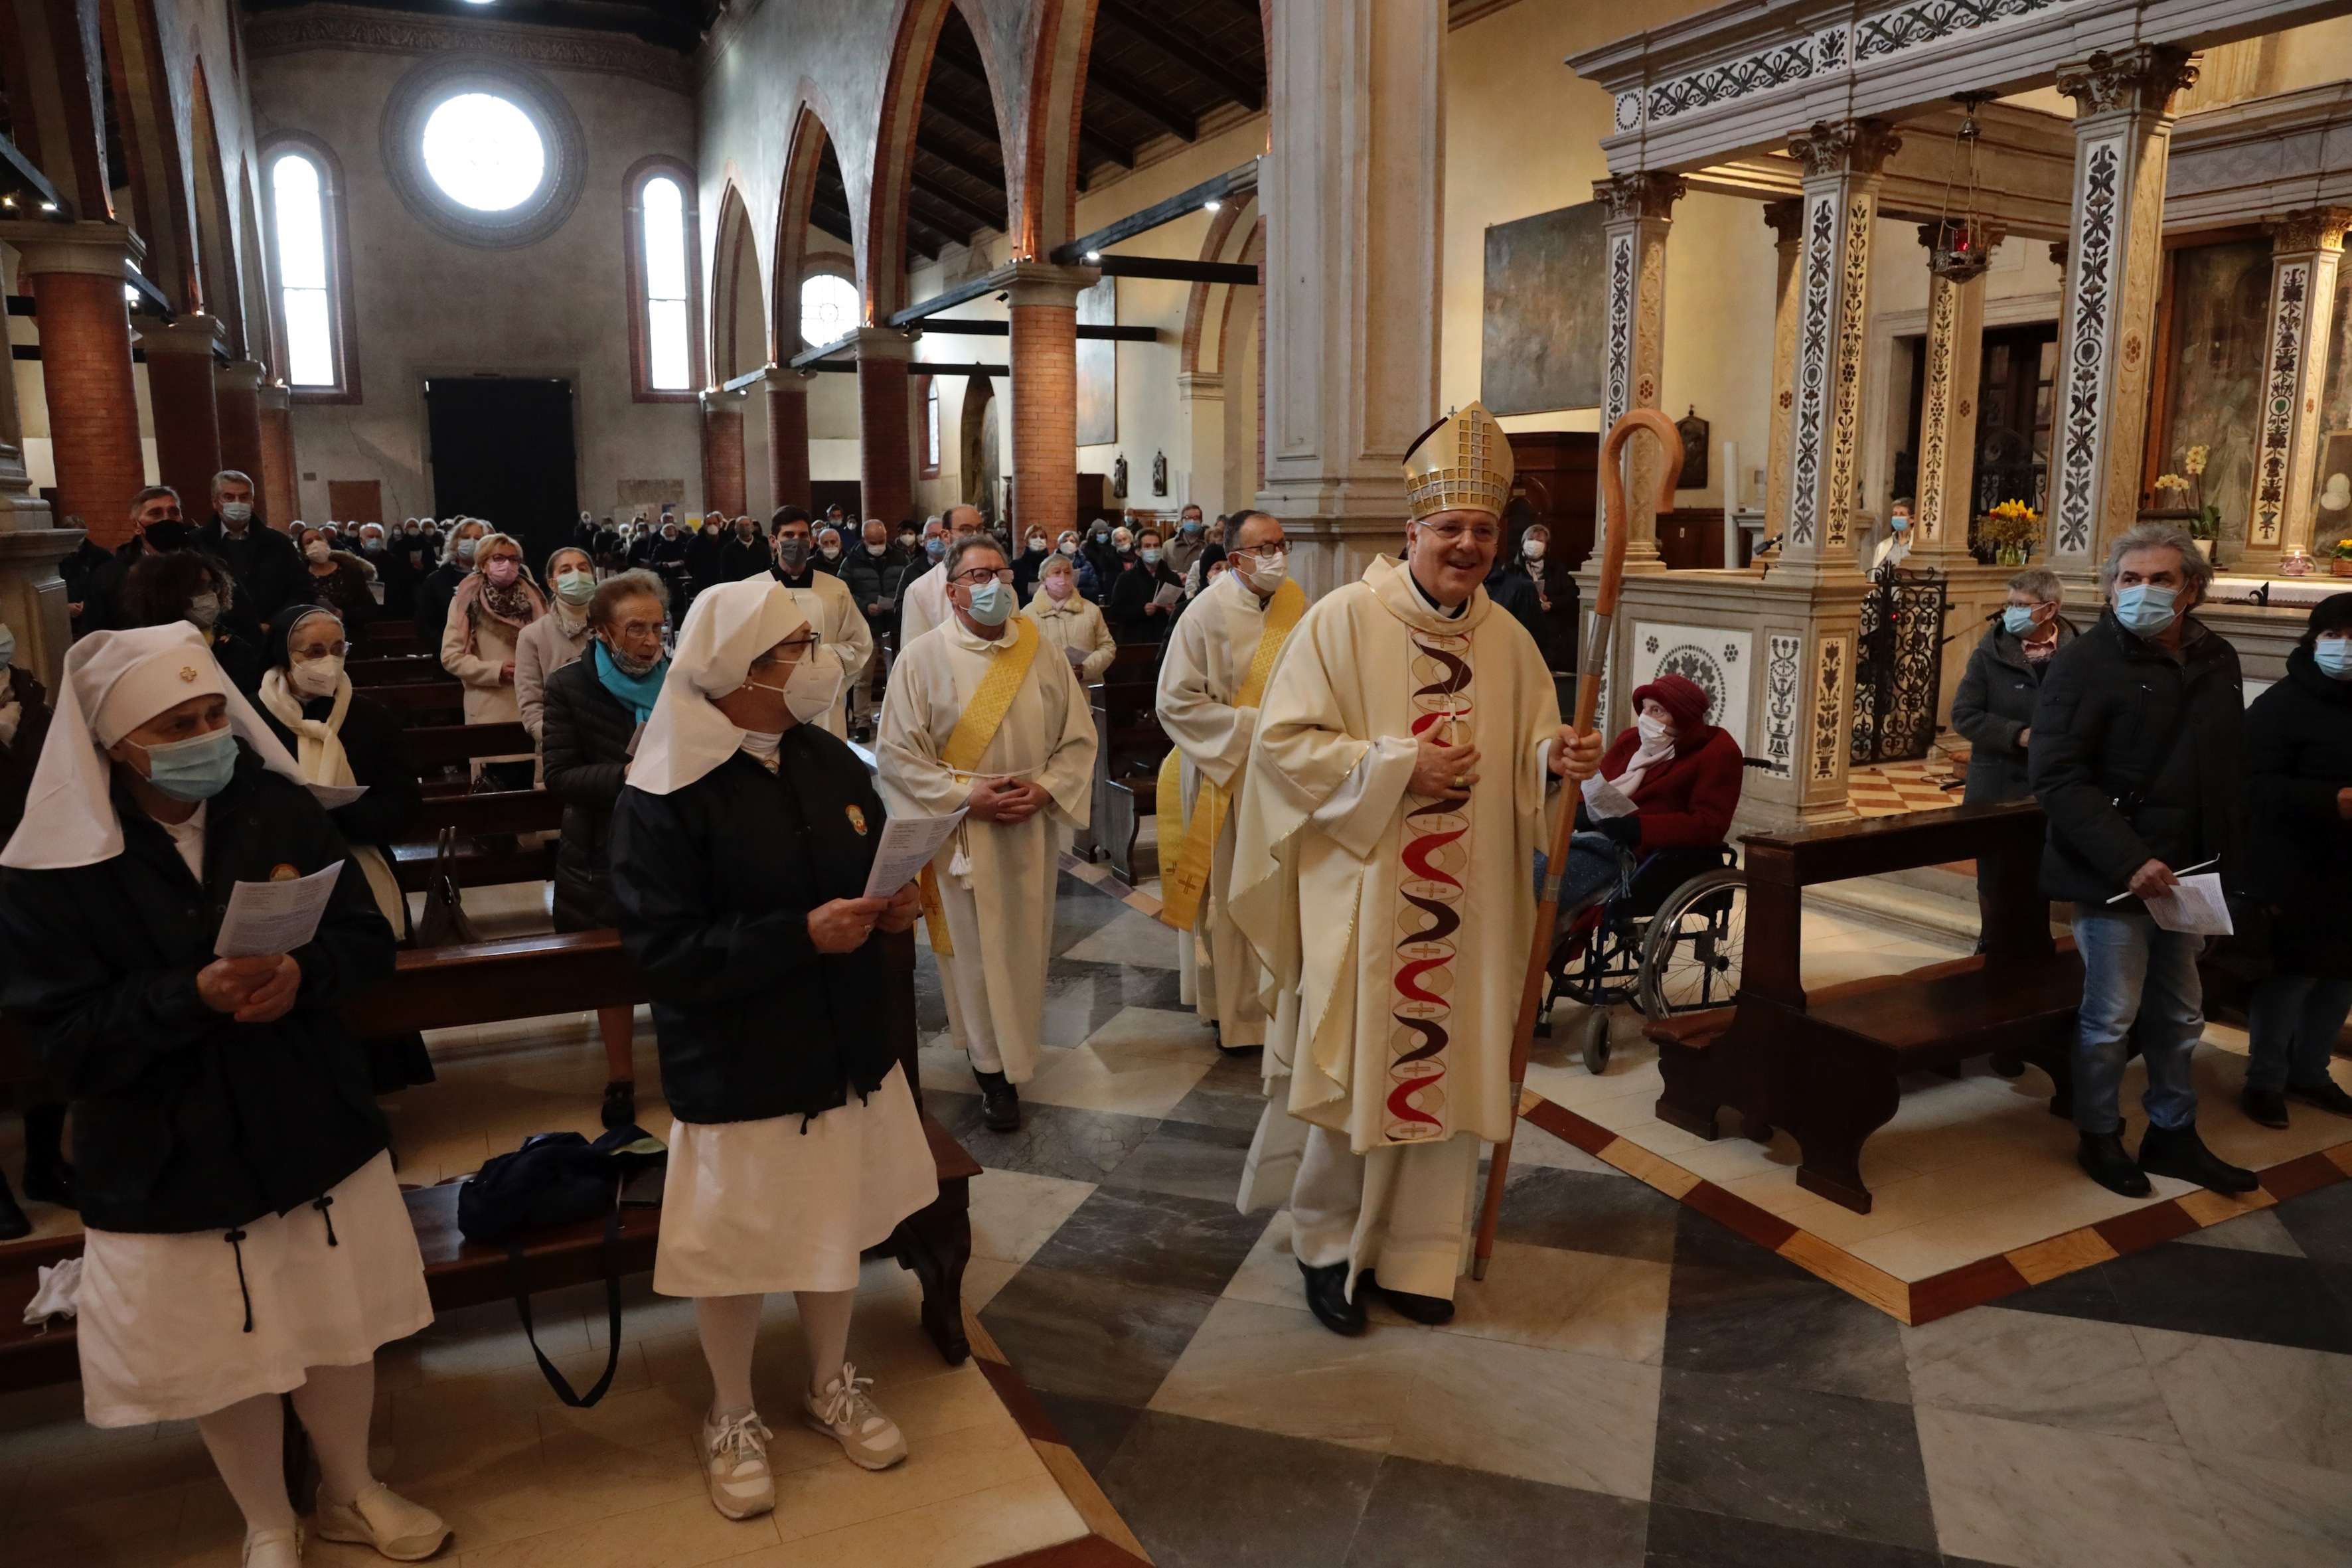 Giornata mondiale del malato, il vescovo Tomasi celebra la messa a Madonna  Granda